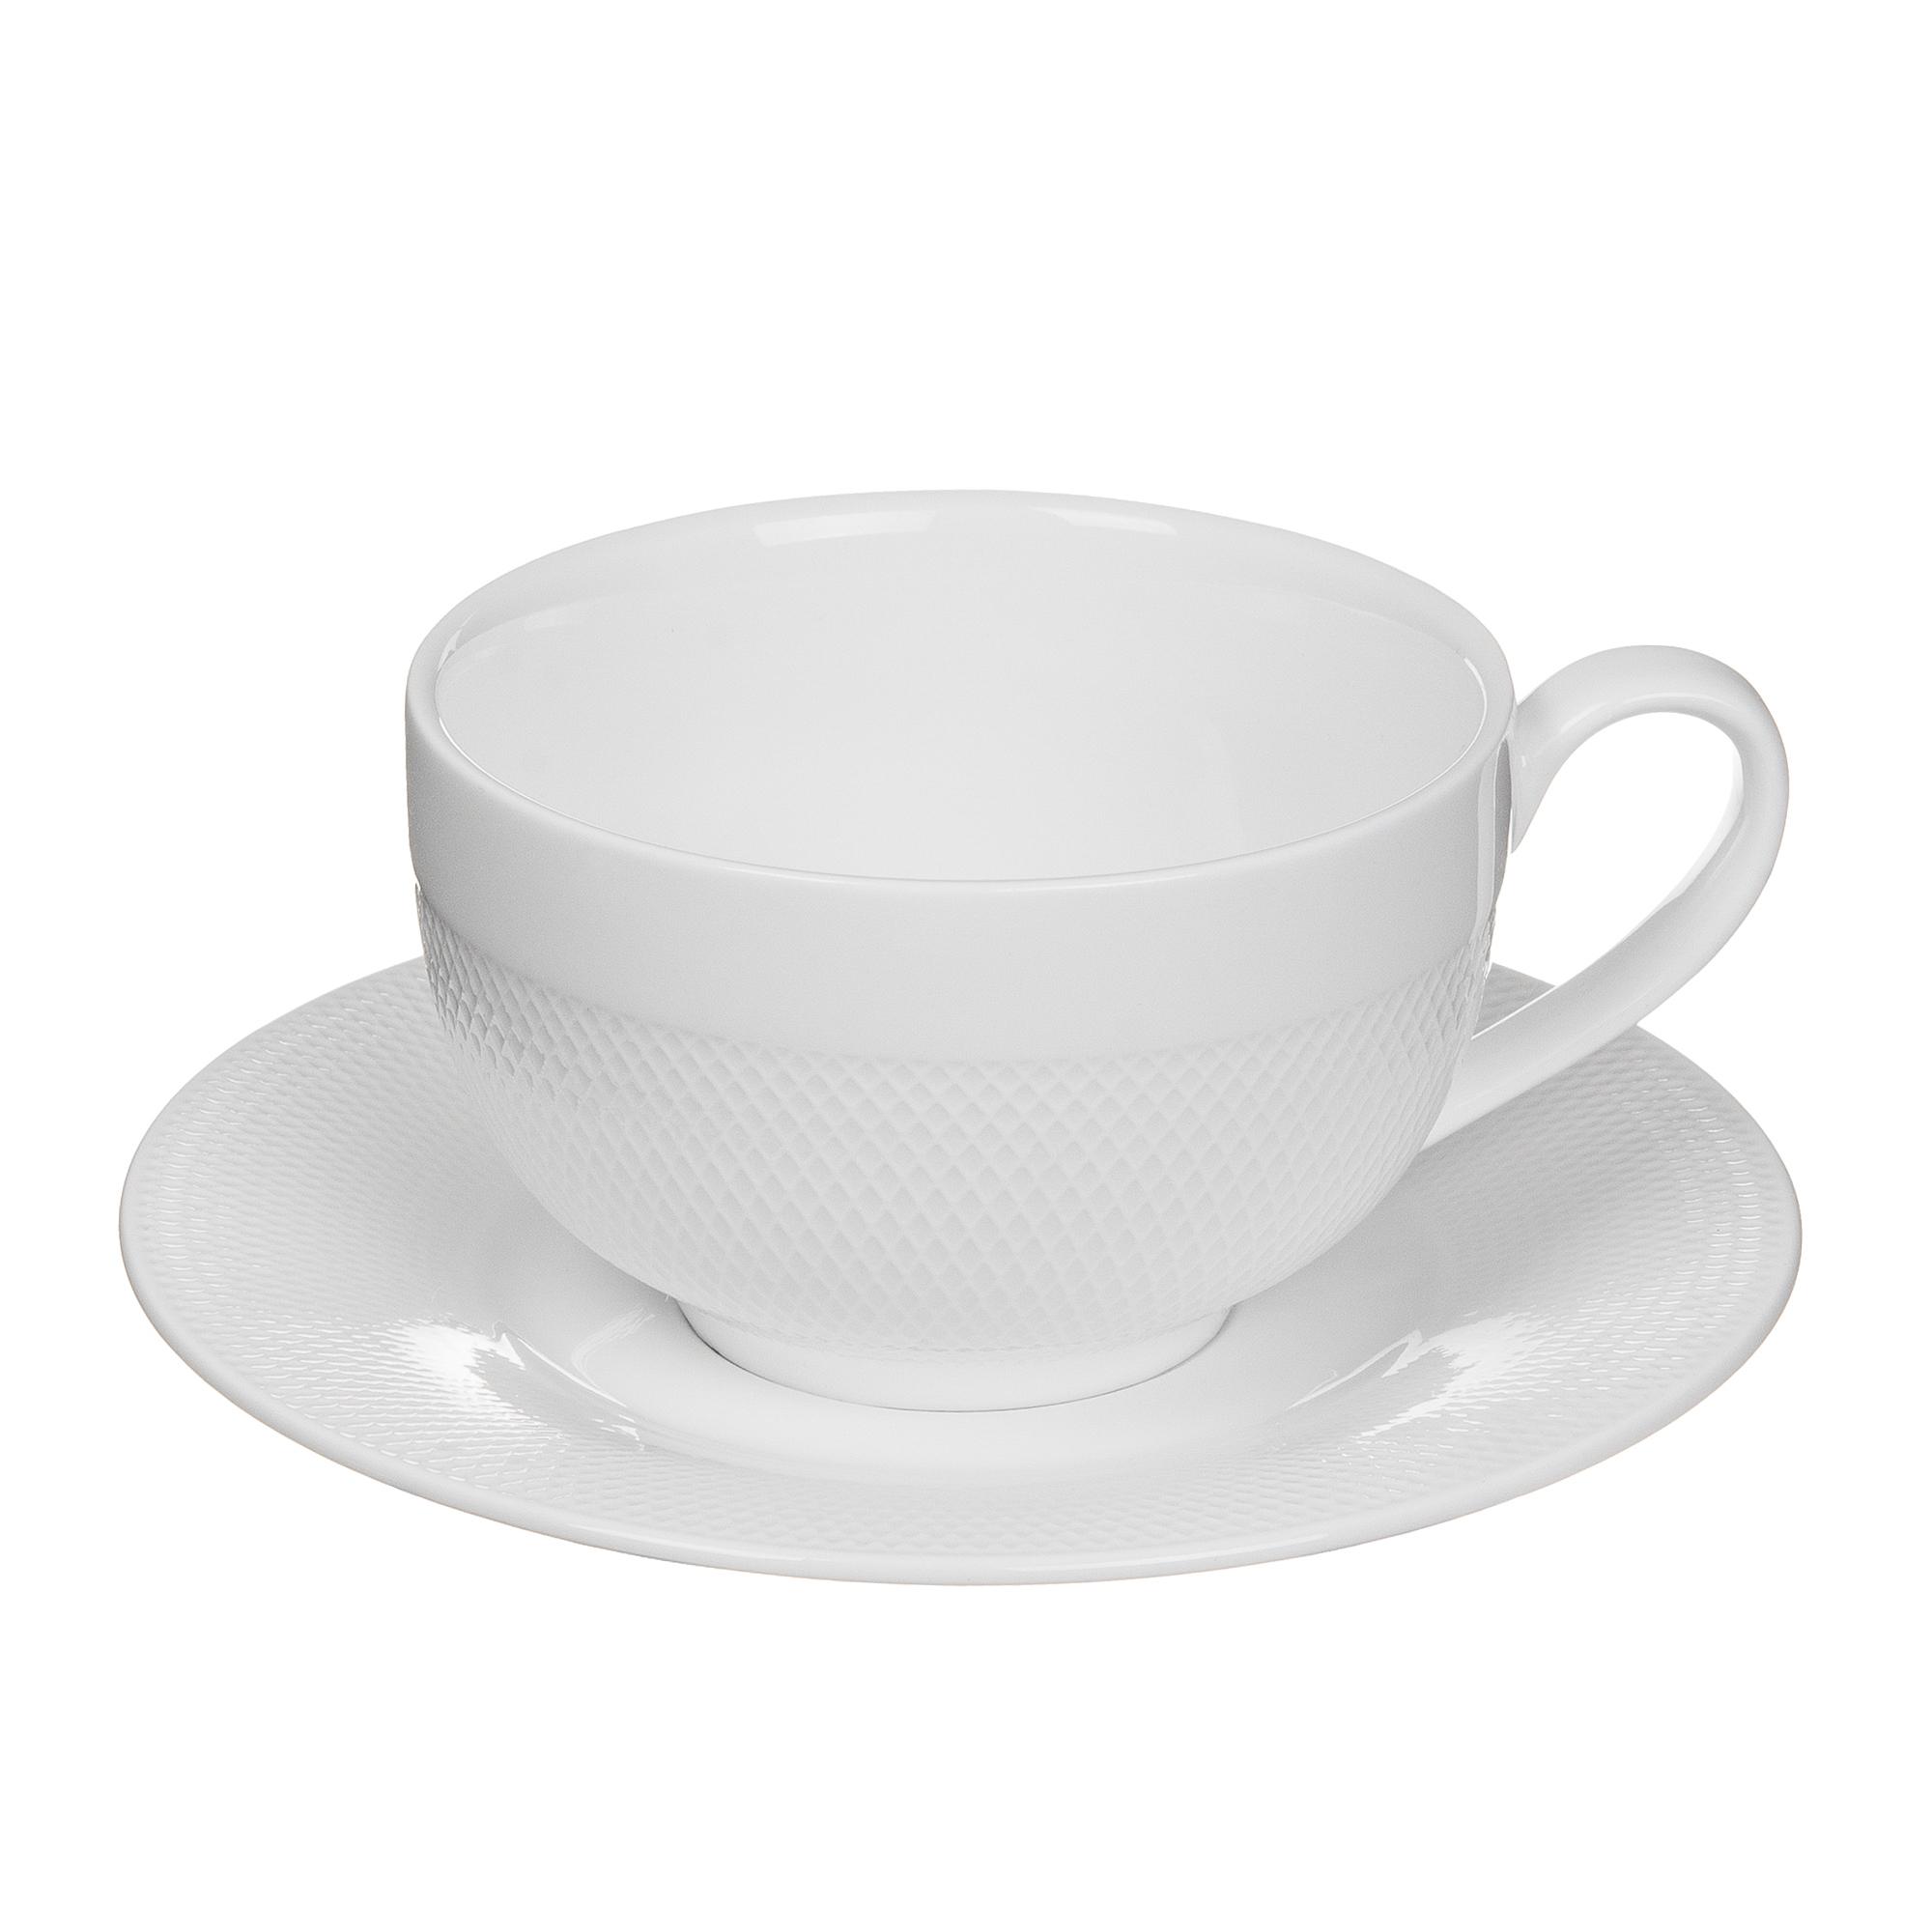 Пара кофейная чашка + блюдце 230 мл Tudor TUC1062-4